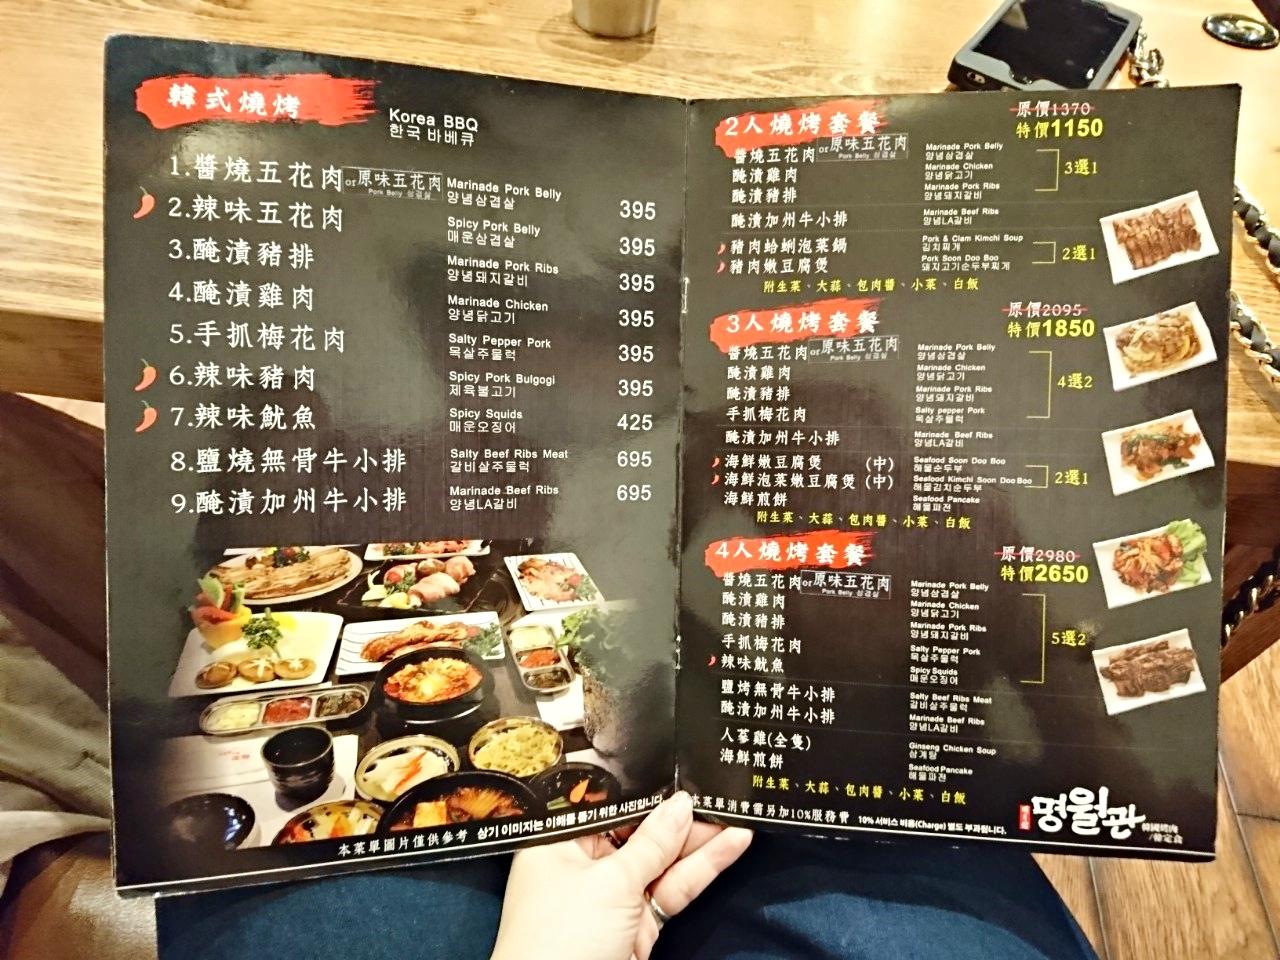 南港美食:明月館韓國烤肉韓定食,打卡可穿韓拍照,中國信託總部C棟2樓(附菜單)